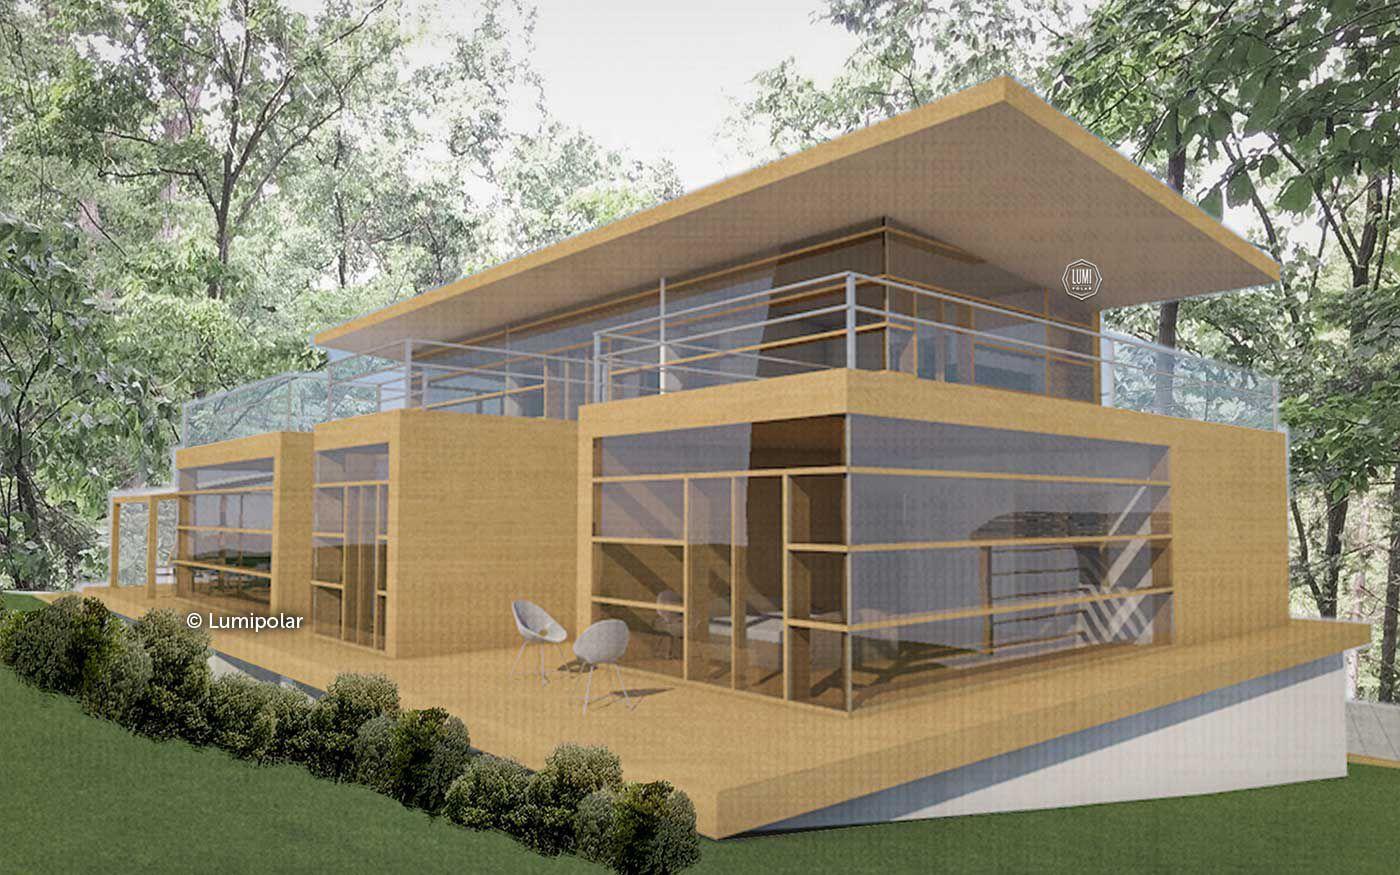 Casa Pré Fabricada Contemporânea Em Madeira Laminada